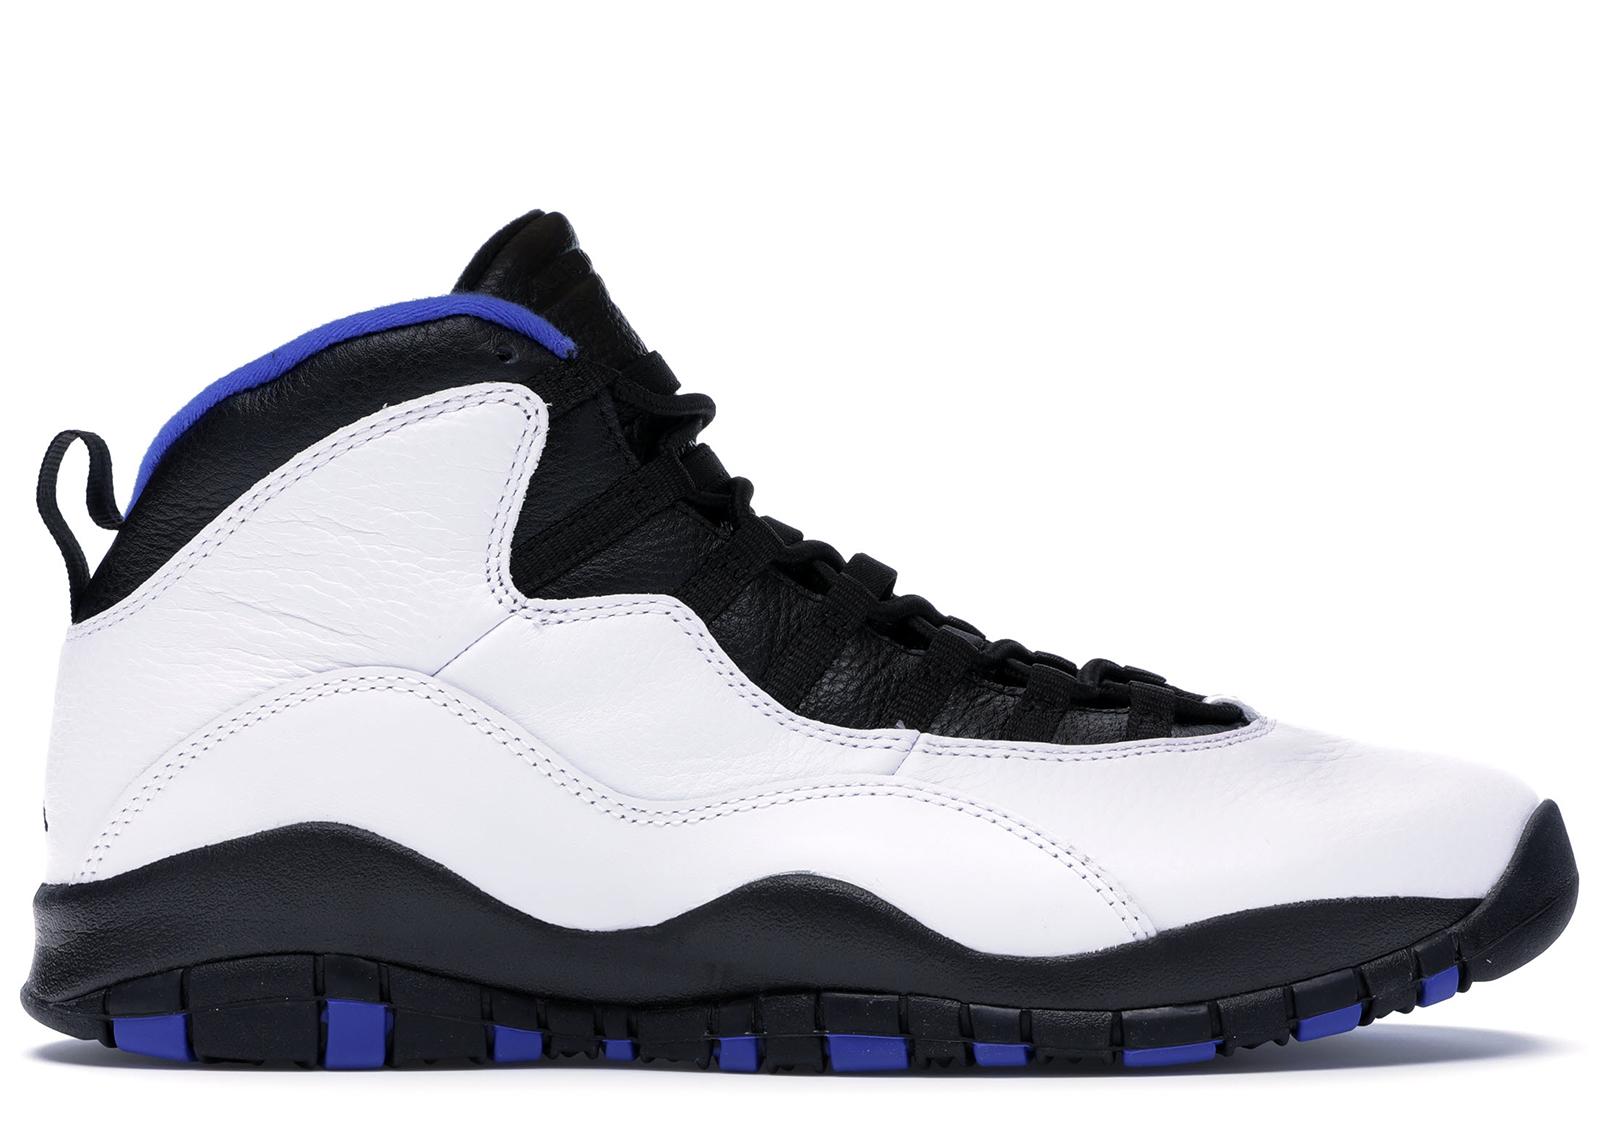 Jordan 10 Retro Orlando - 310805-108